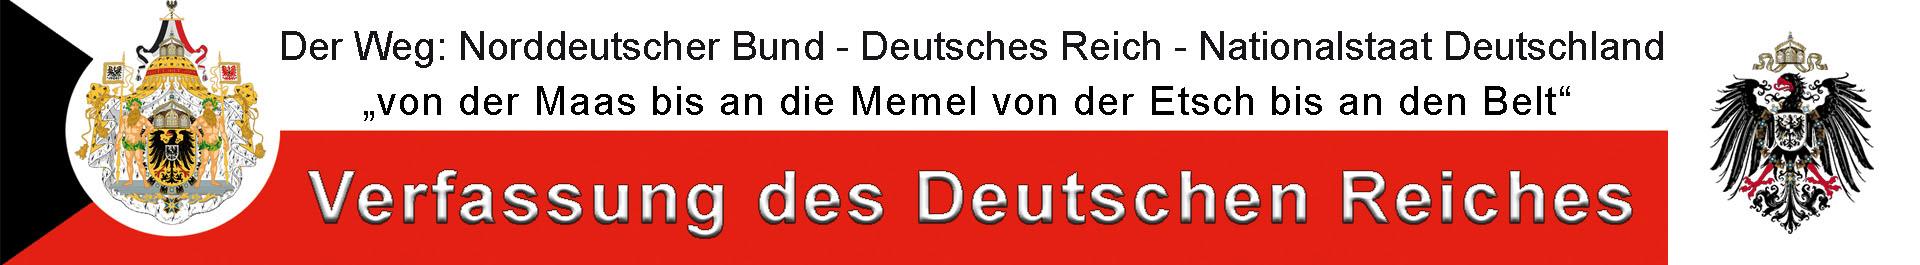 Bundesverfassung